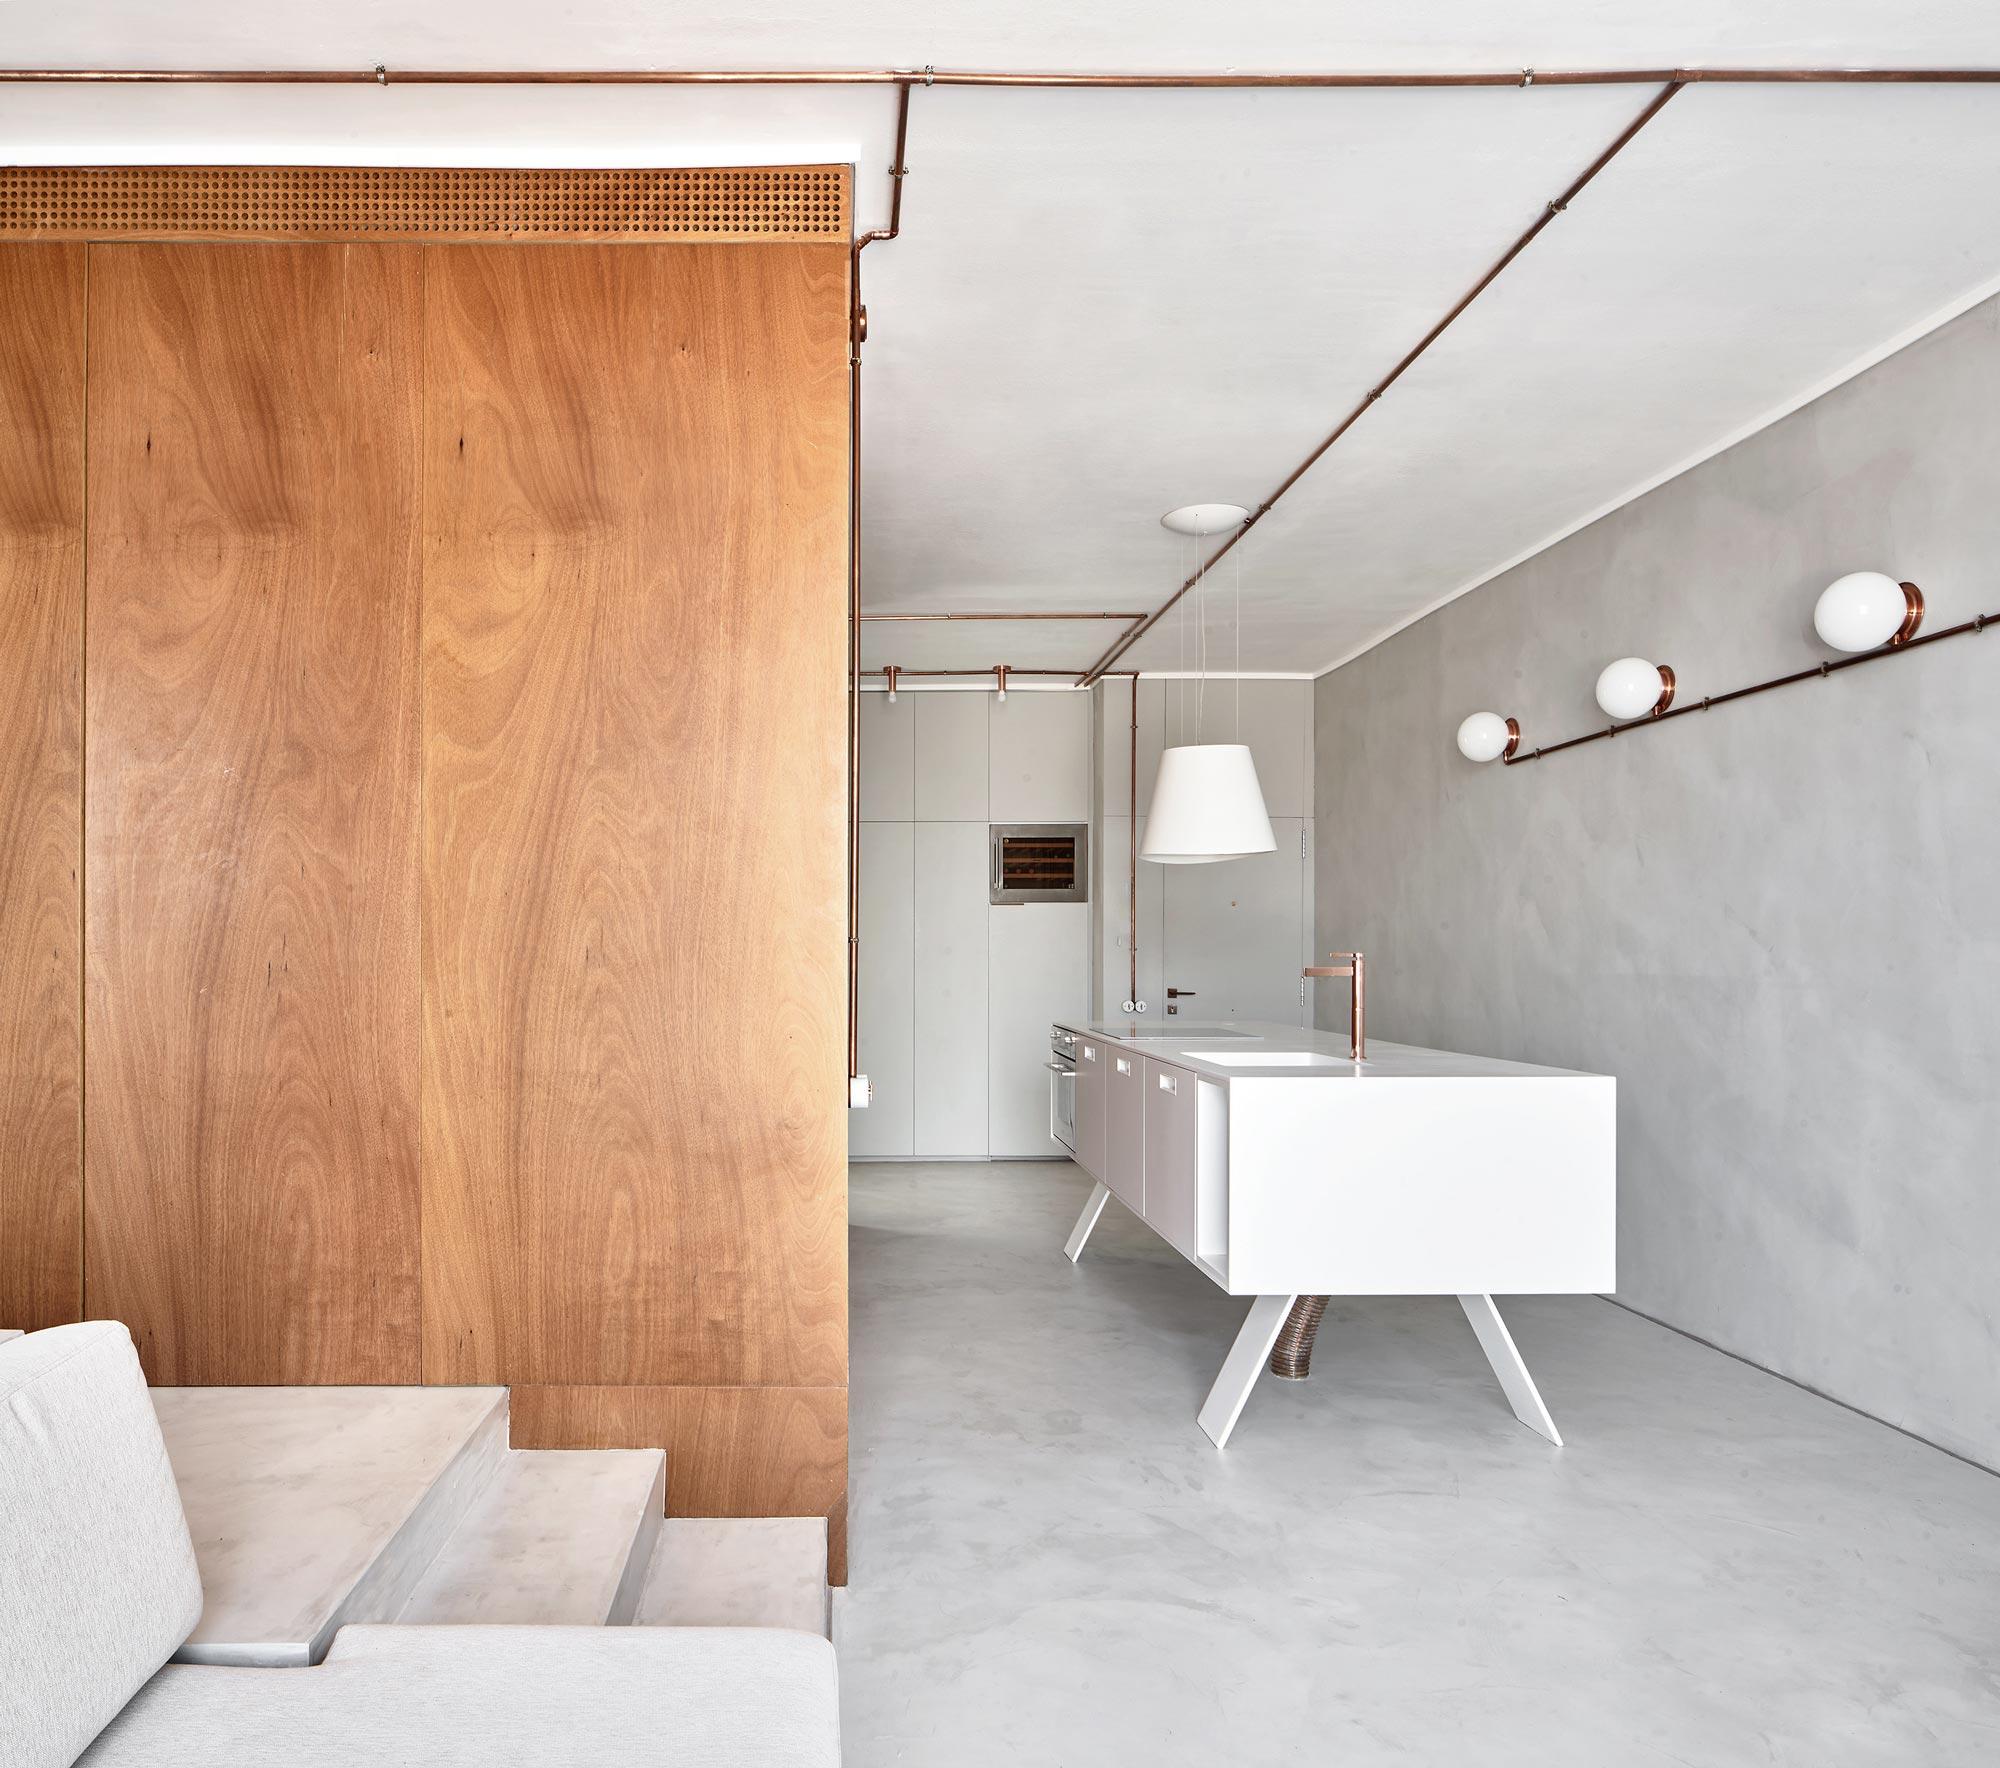 Mueble de cocina en isla blanco y armario de madera visto desde el sofa, espacio de diseño con suelos y paredes de cemento